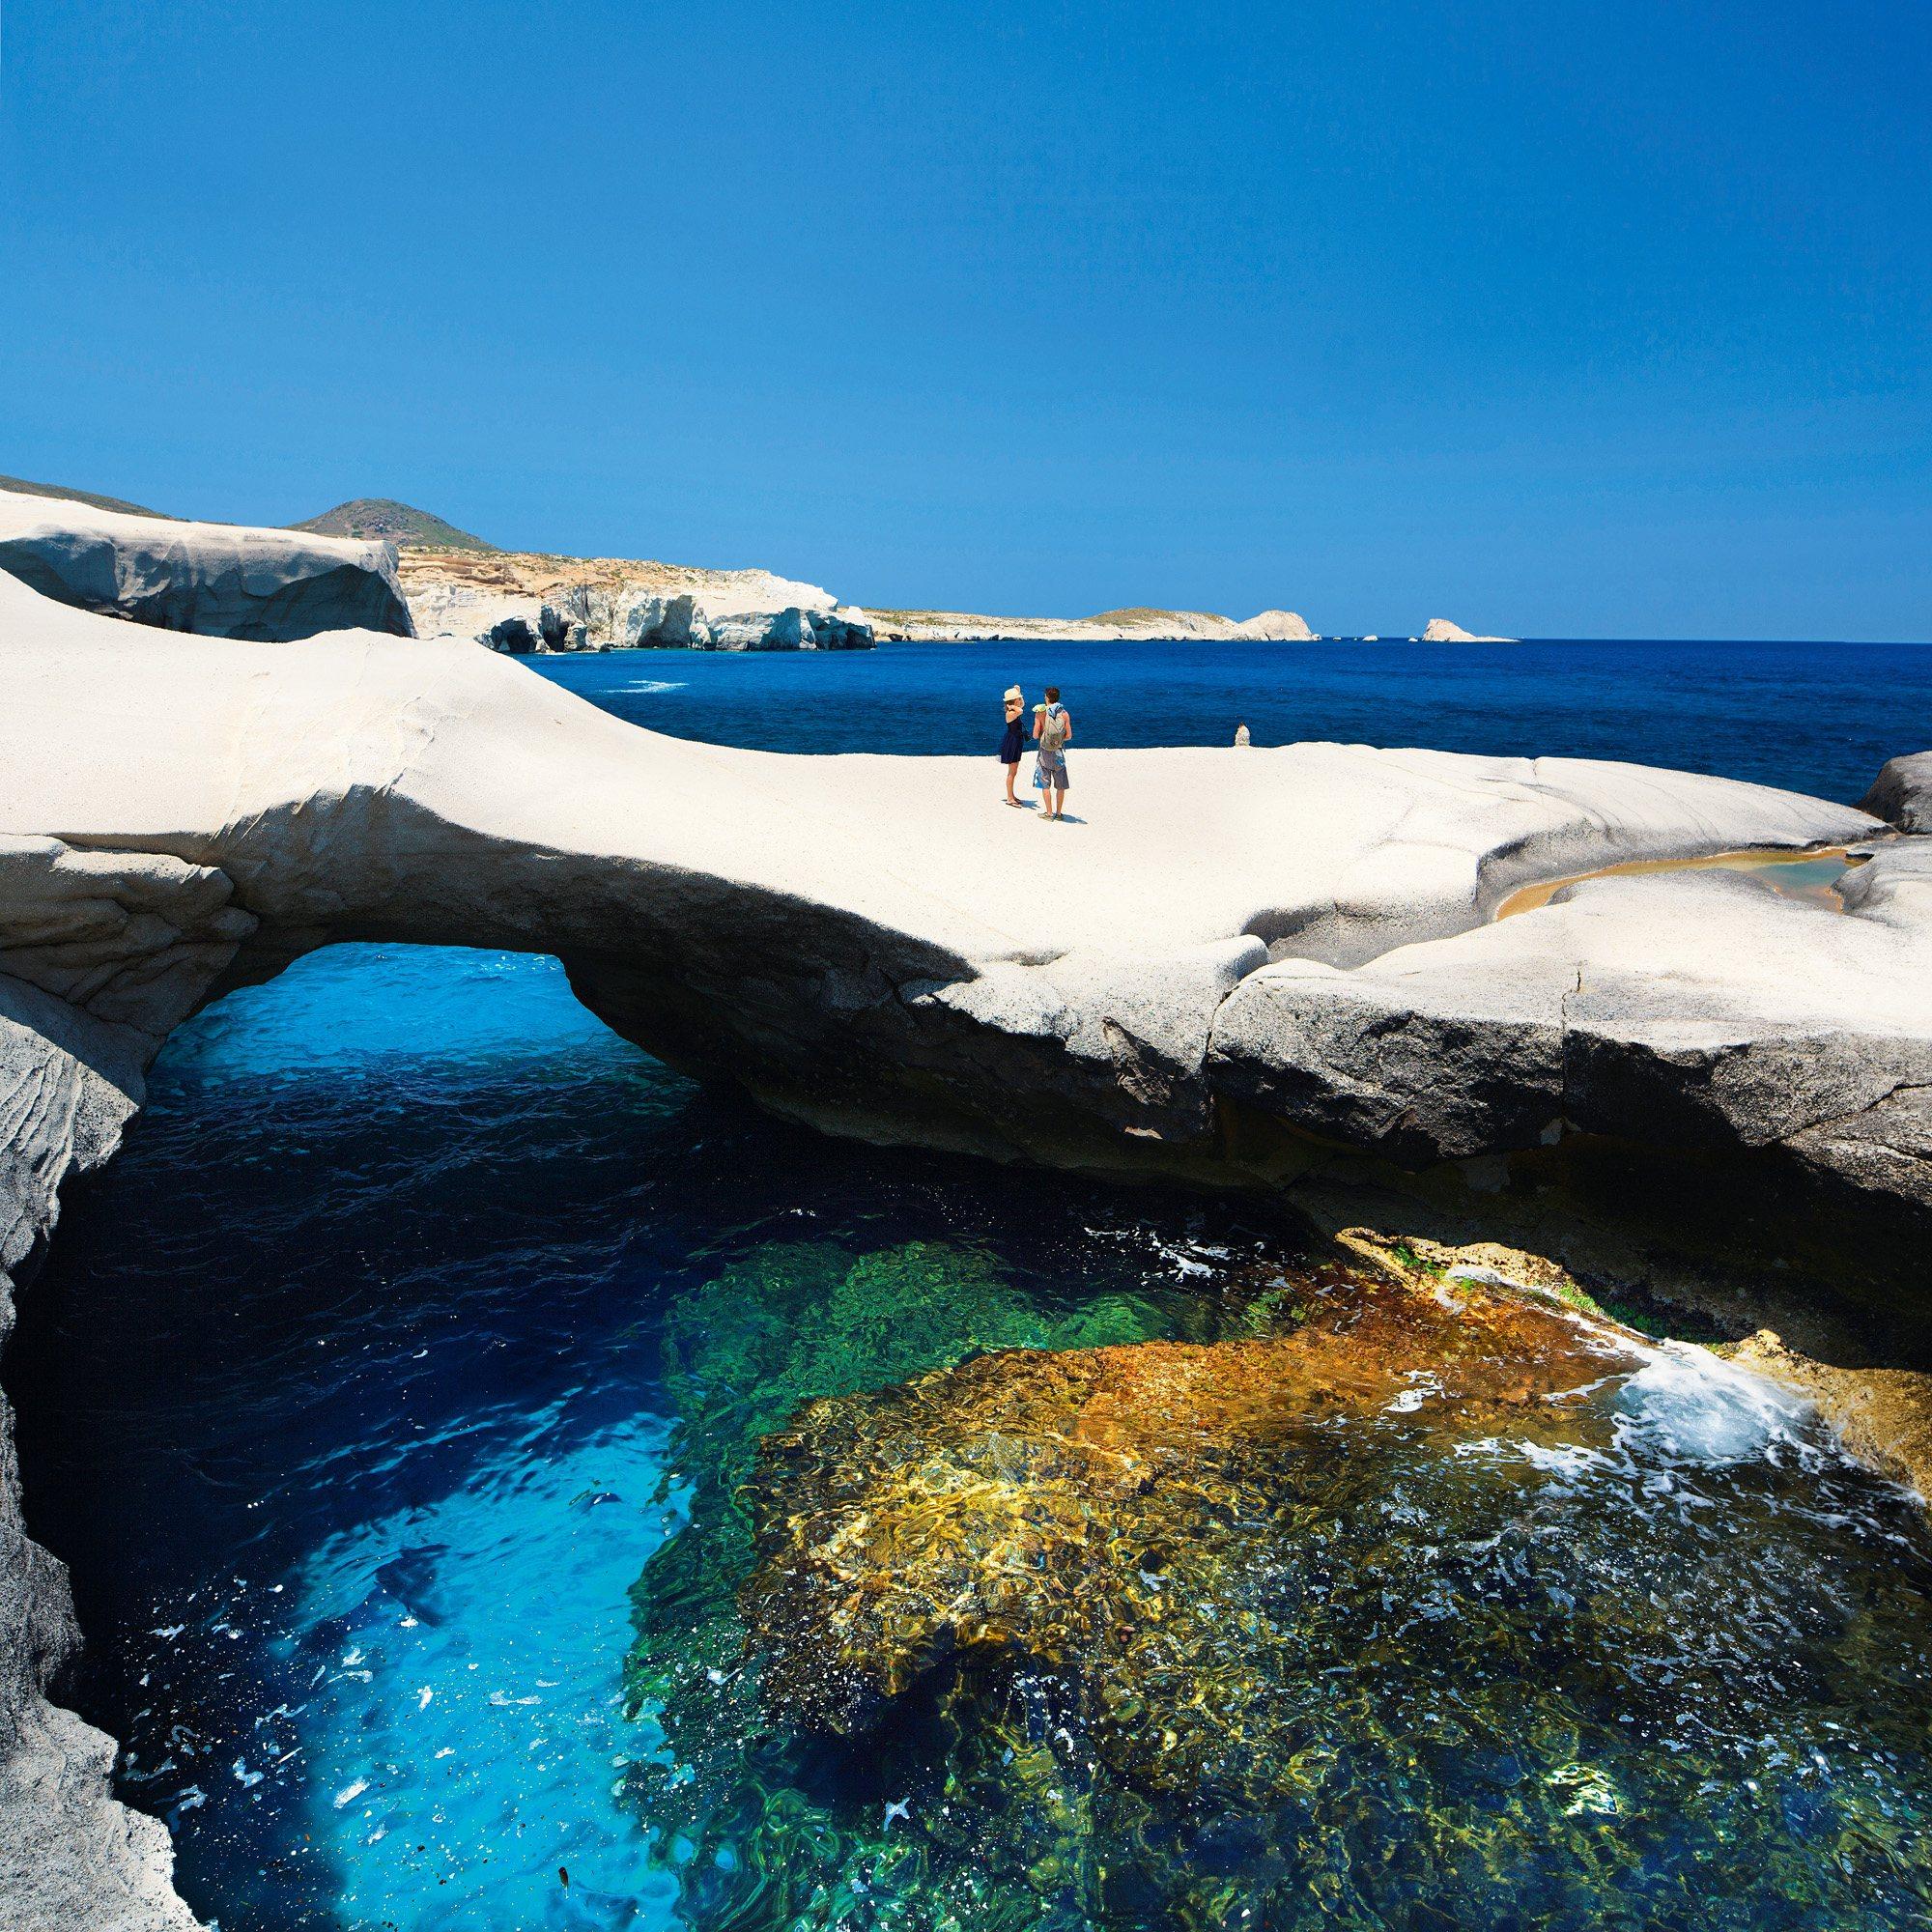 Sarakiniko, Isla de Milo, Grecia: esta playa de la costa norte de la isla de Milo, en el archipiélago de las Cícladas, debe su fama mundial a las formas que el viento y el agua han labrado en la roca volcánica y que han dado origen a su célebre apodo de «playa lunar». Milo es solo una de las más de 200 islas Cícladas, en pleno mar Egeo, entre las que también se cuentan Naxos, Paros, Mikonos y la imponente Santorini.